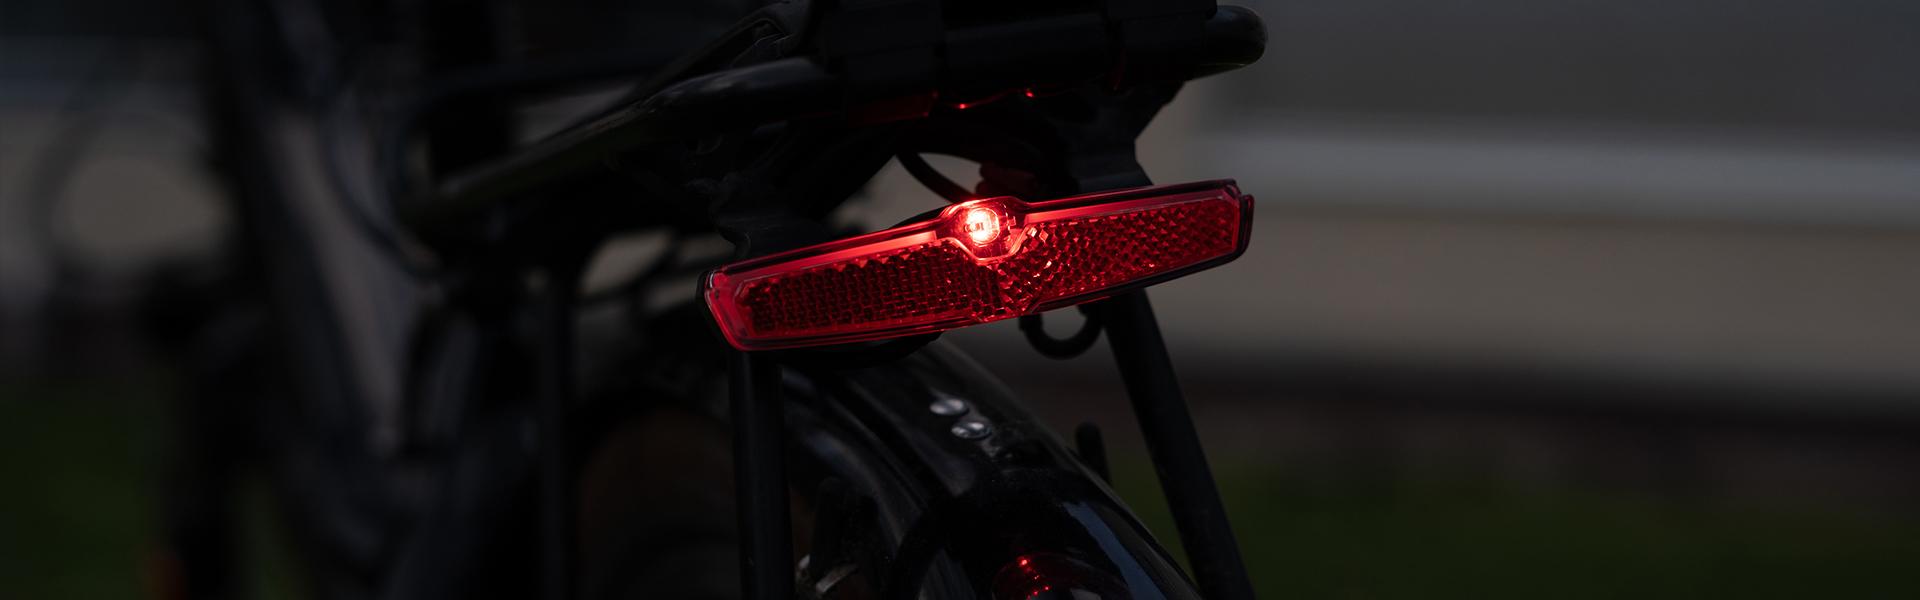 Sate-lite 600 lumen USB rechargeable bike light eletric bike front light  waterproof